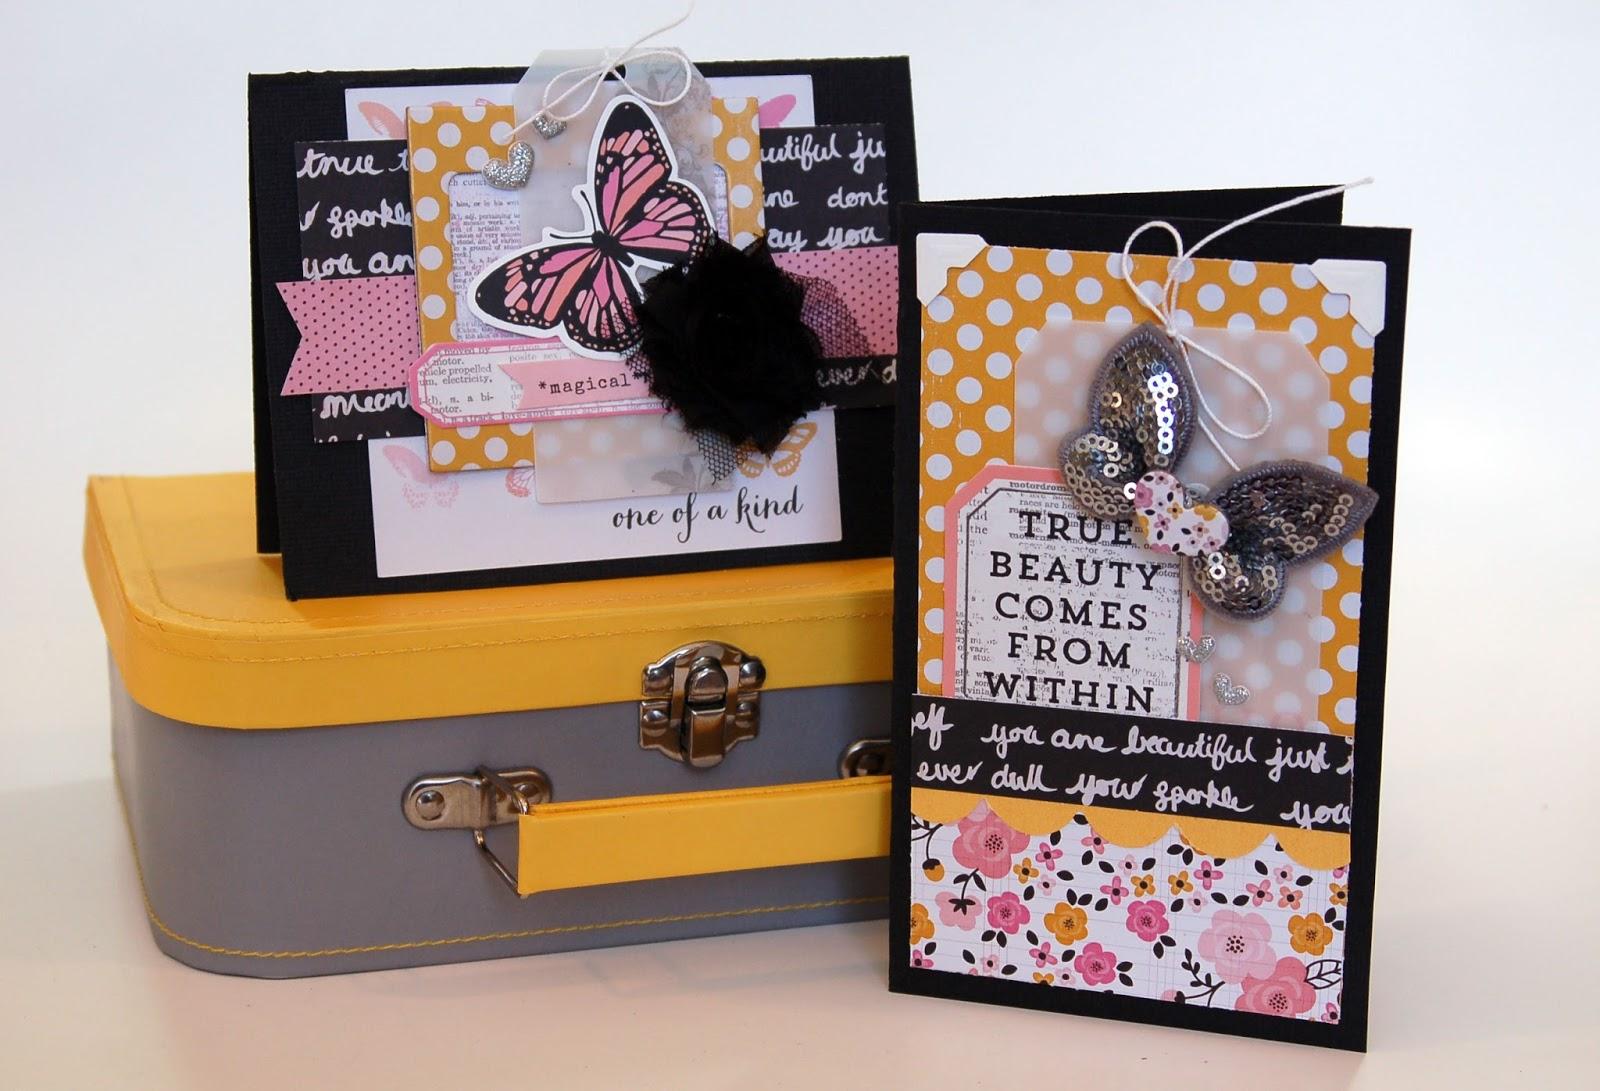 http://4.bp.blogspot.com/-ddf34FR8i8U/VNVQqjSC_pI/AAAAAAAAT5w/4U5bn7KVxQQ/s1600/Bella-Rouge-Card-Set.jpg